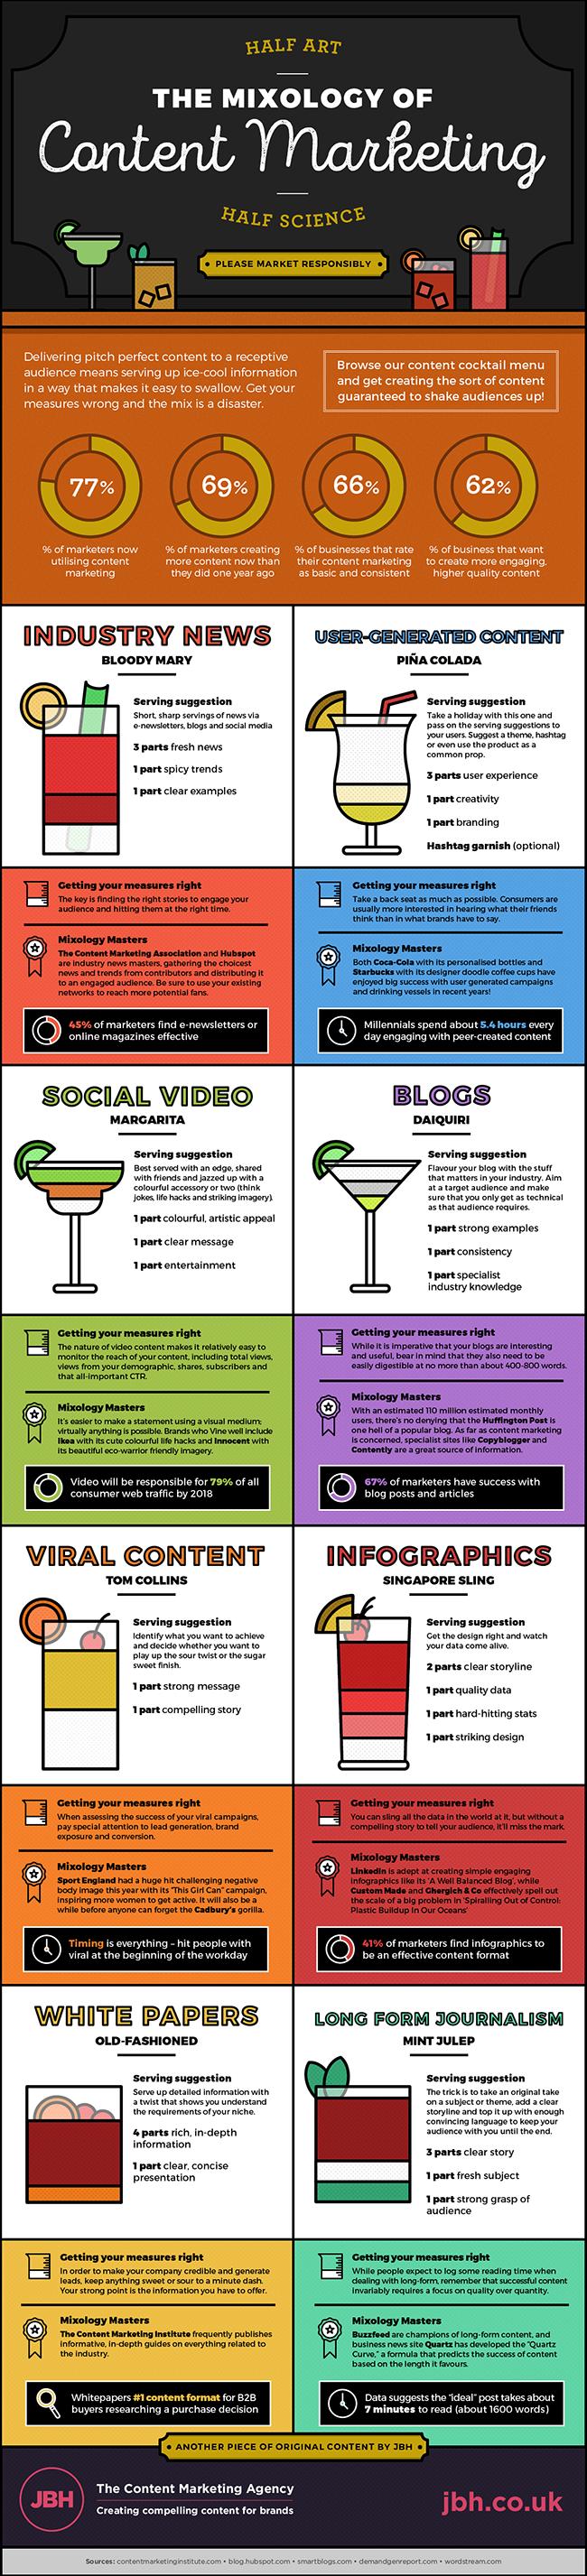 mixology-infographic-blog-image